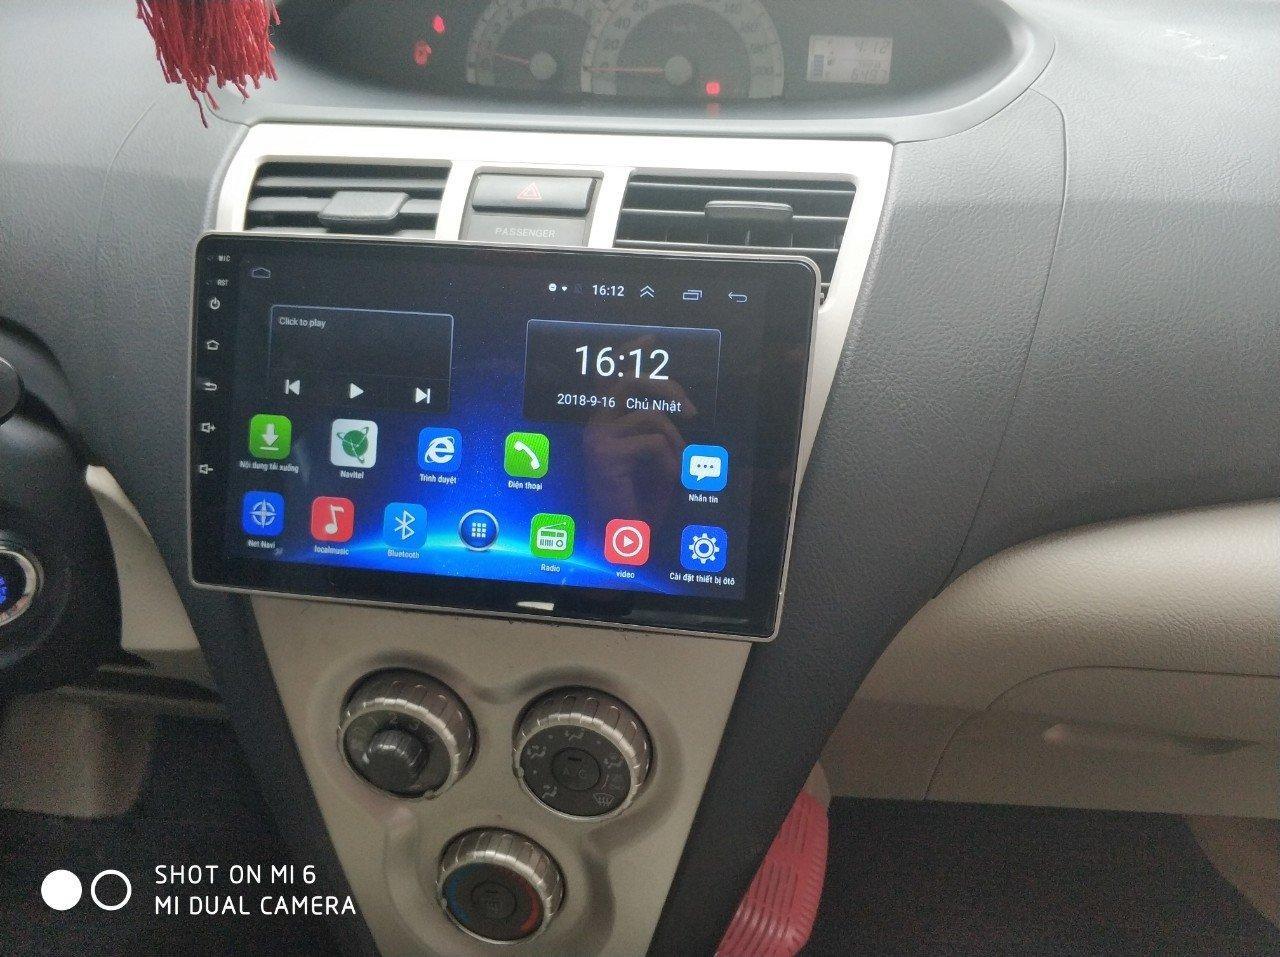 [Hỗ trợ lắp đặt tại Hà Nội] Màn hình 9 icnh' kết nối Wifi, sử dụng Tiếng Việt lắp các dòng xe, Dvd android, đầu dvd ô tô - Màn hình ô tô android 9 inch, xem youtube, GPS chỉ đường,cài sẵn PM NAVITEL, Youtube ẨN tích hợp camera lùi